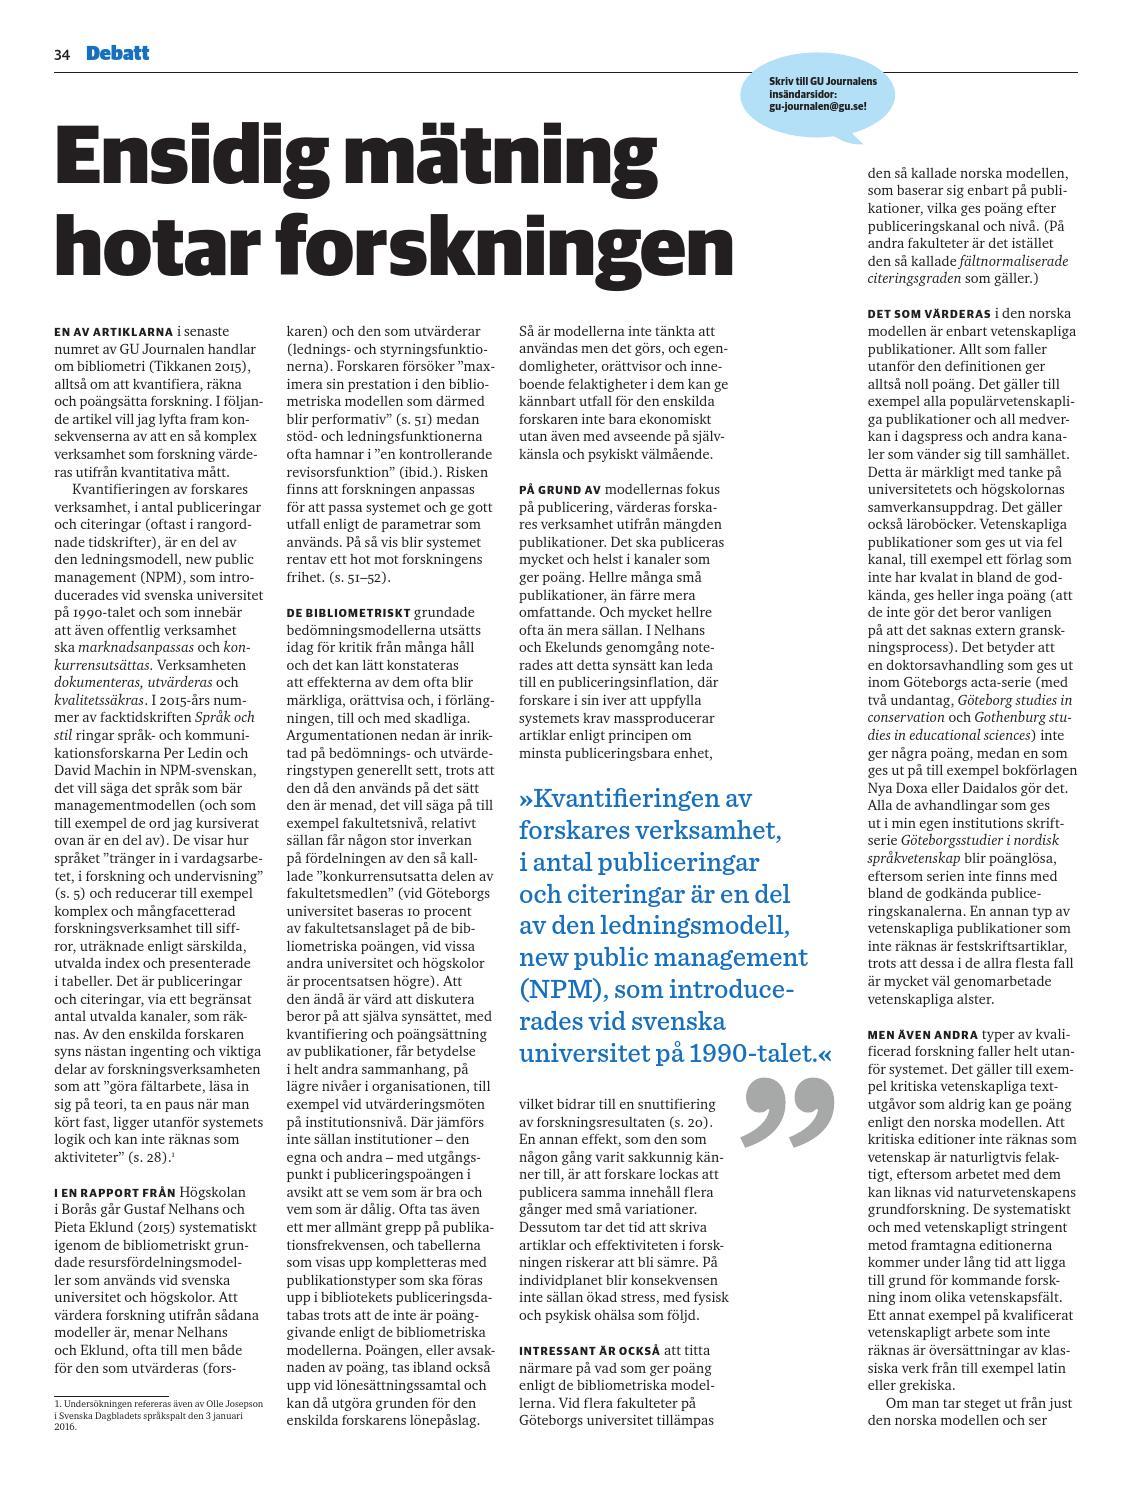 GU-Journalen 2-2016 by University of Gothenburg - issuu 529be47071386